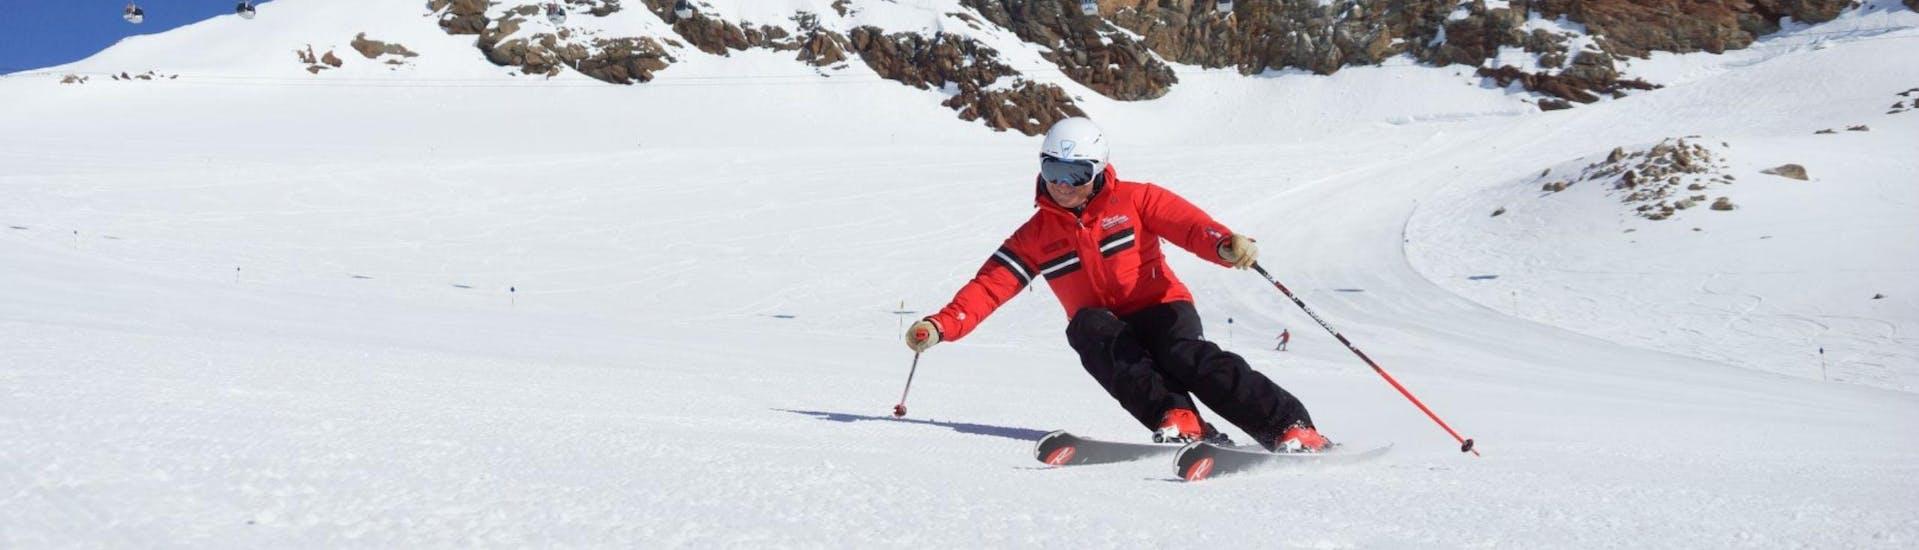 Ein Skilehrer der Ski- und Snowboardschule Vacancia demonstriert bei der Aktivität Privater Skikurs für Erwachsene - Alle Levels die richtige Skitechnik.